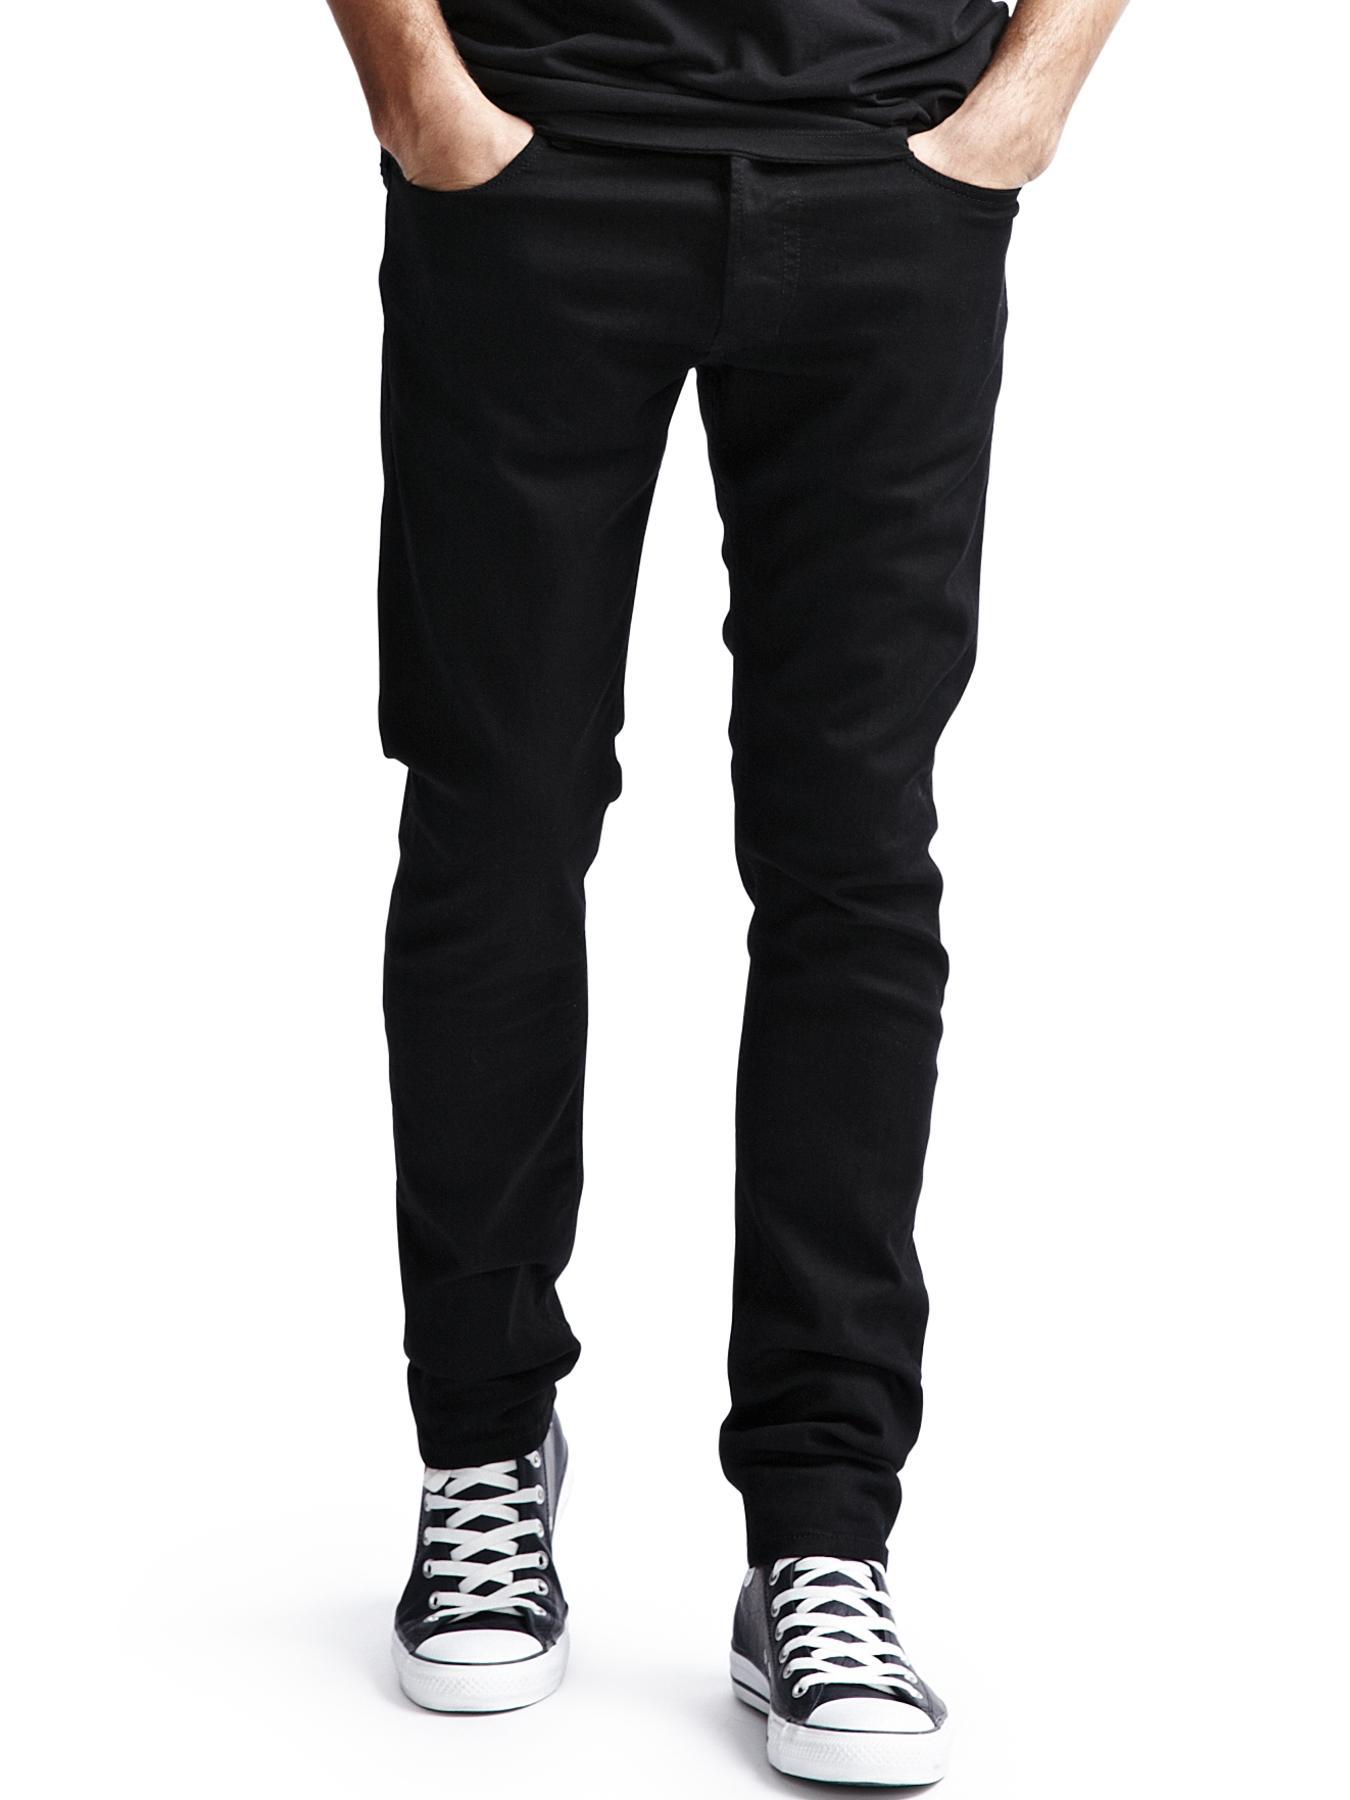 jimmy choo men's clothing diesel jeans